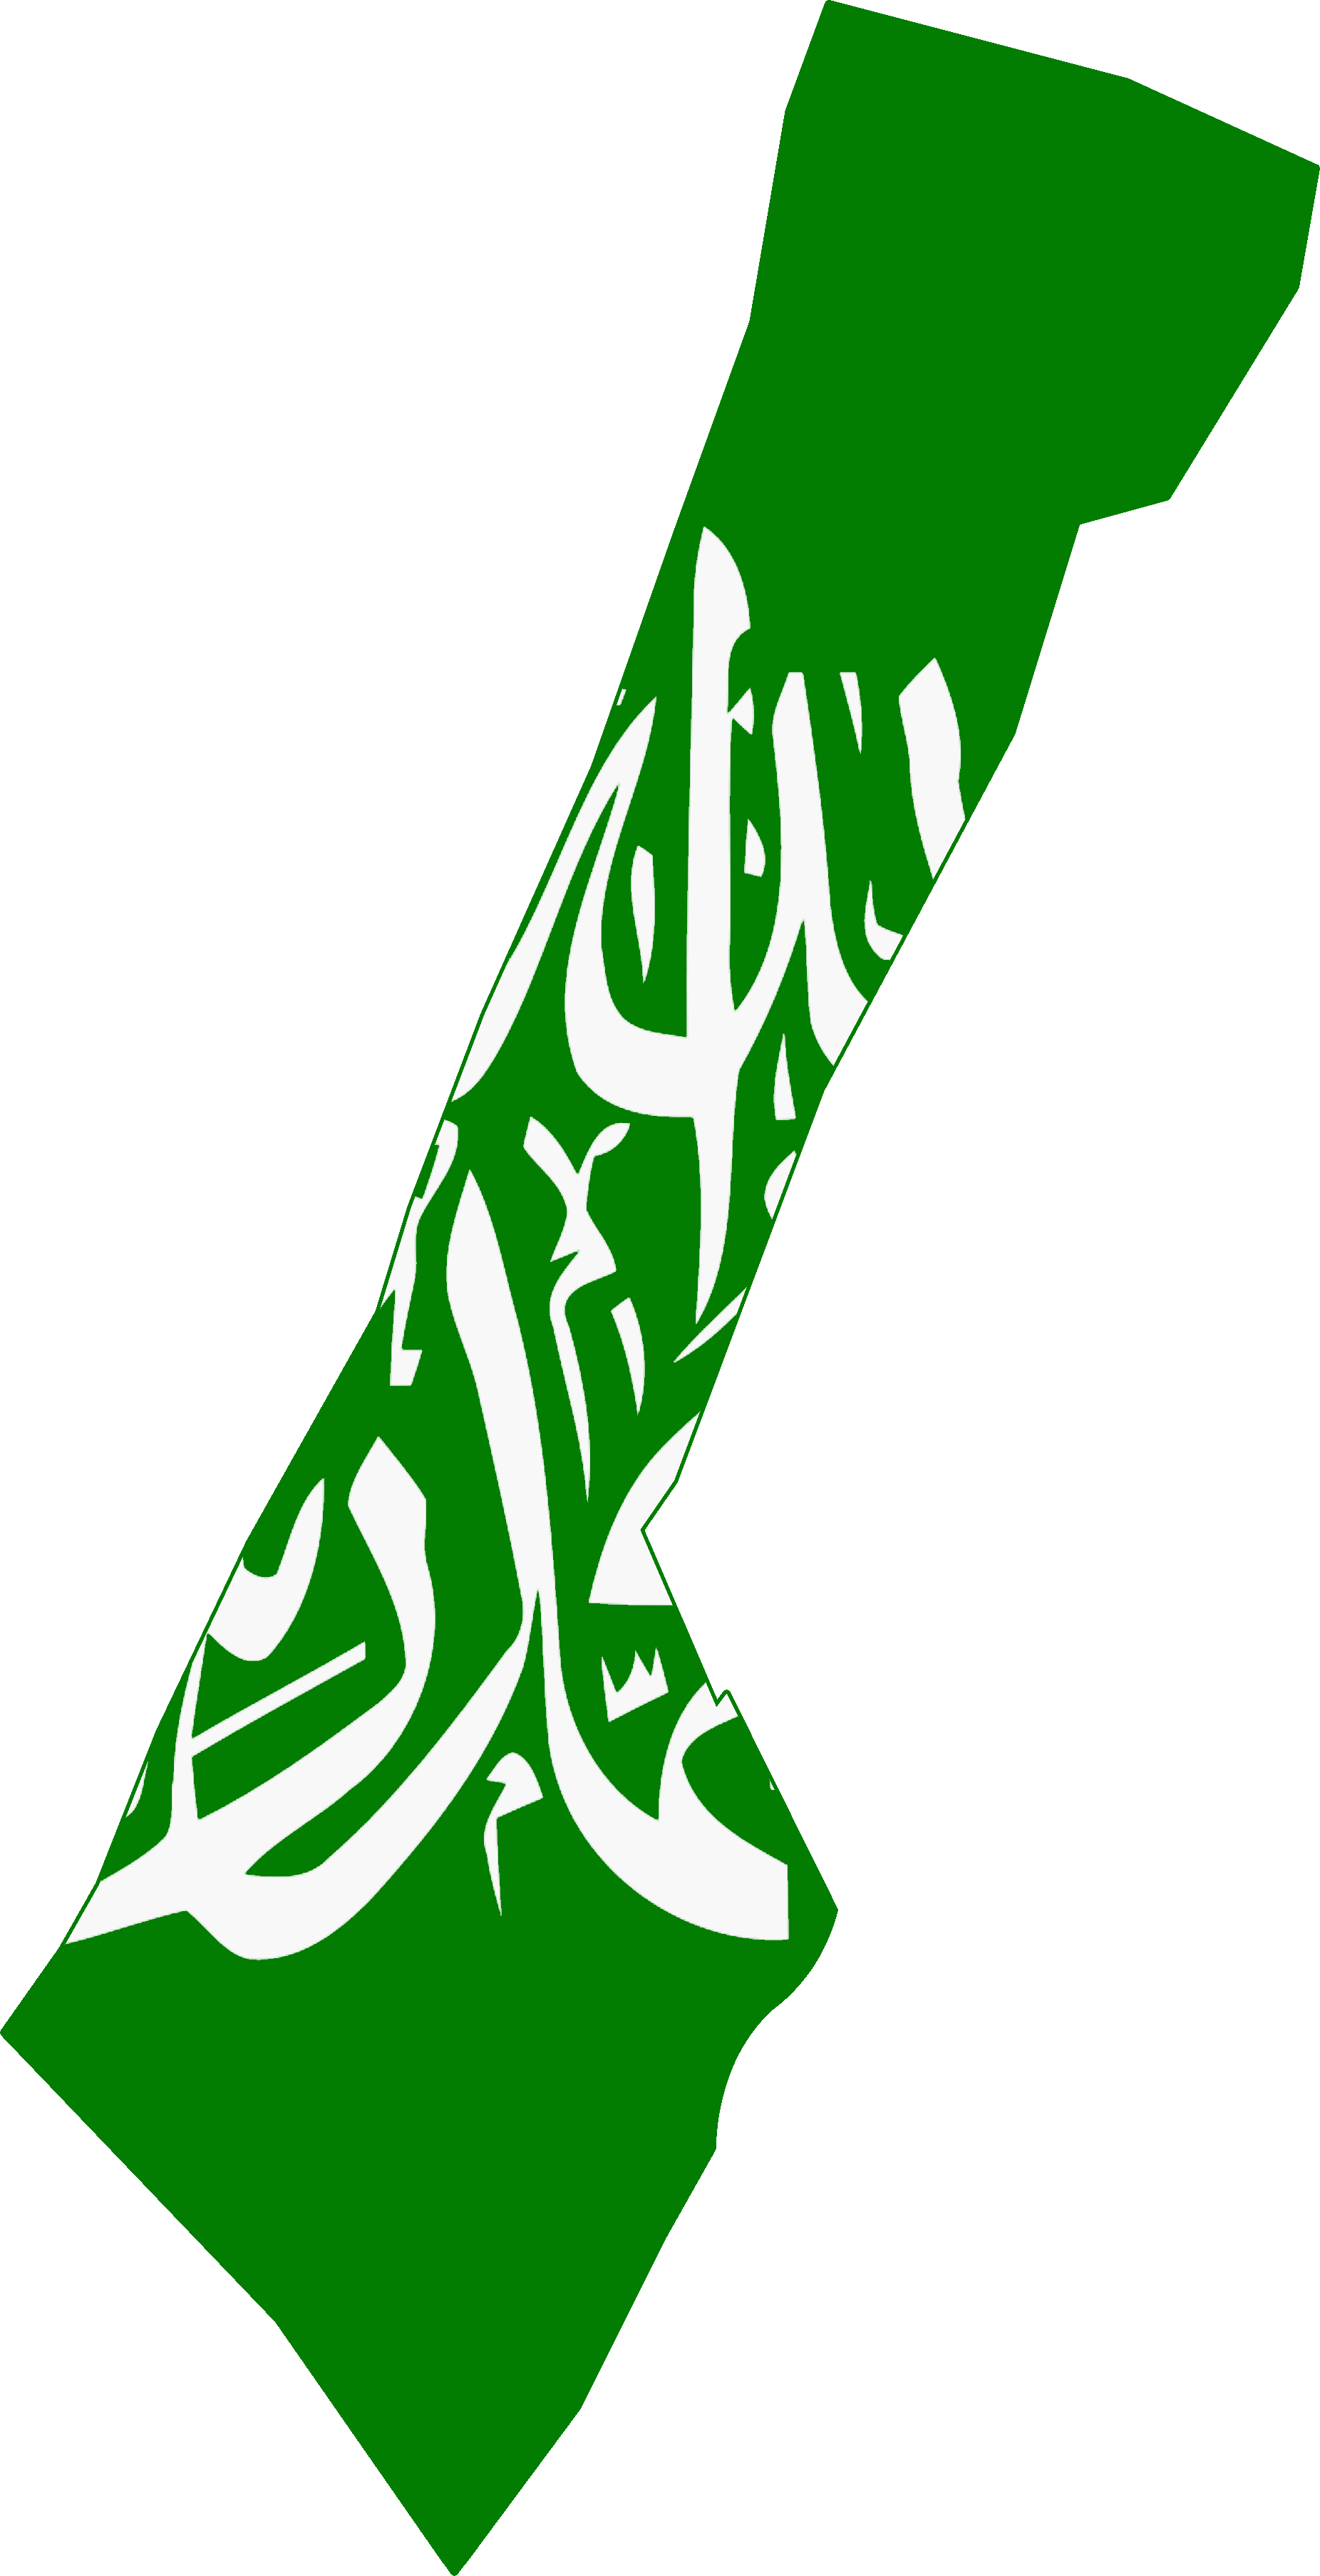 Los habitantes de Gaza comparten la culpa con Hamás – Por Prof. Hillel Frisch (BESA)